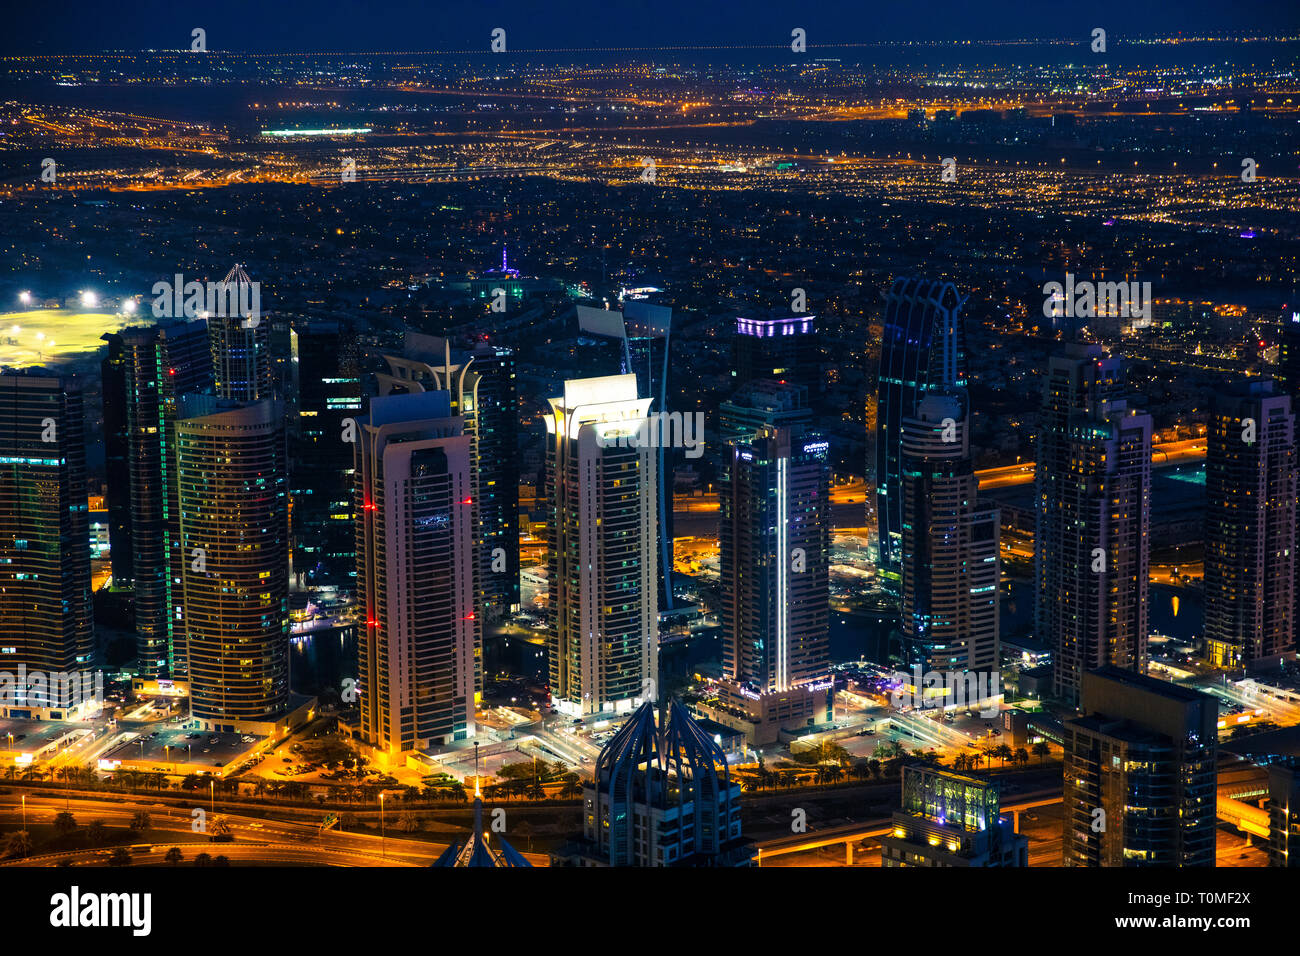 Dubai bei Nacht, Vereinigte Arabische Emirate Stockfoto